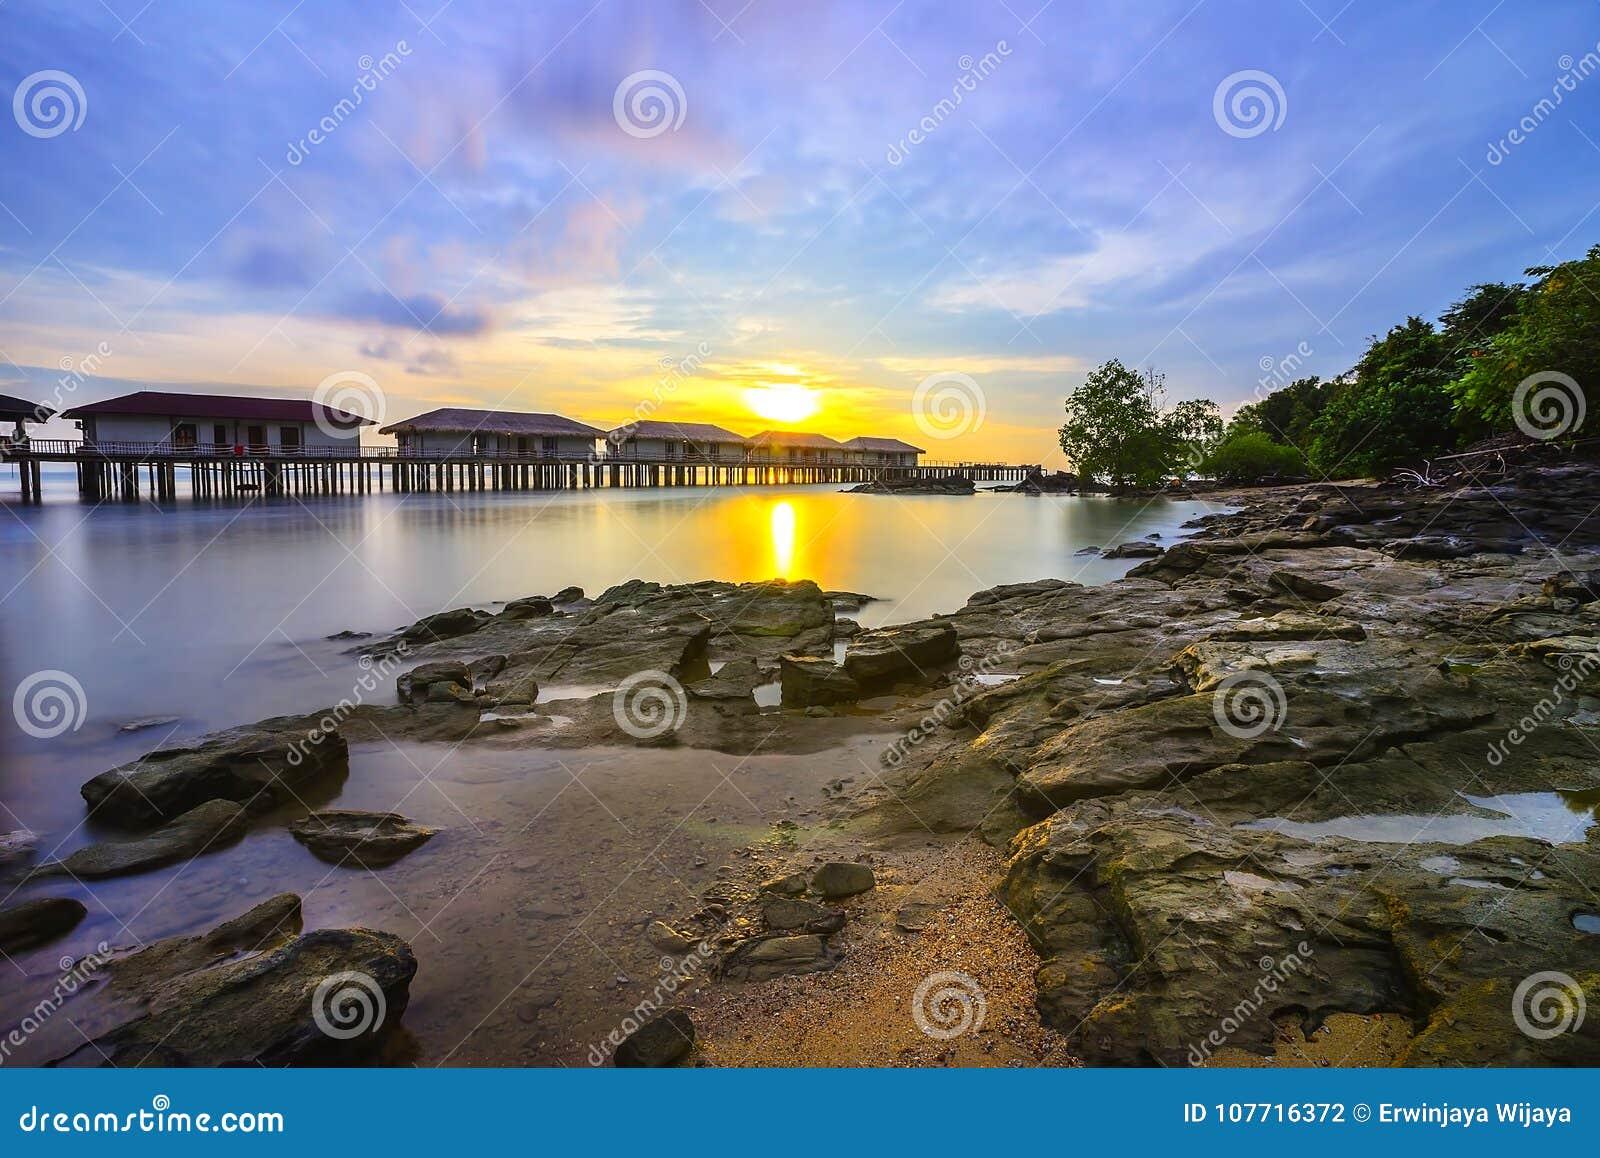 Sonnenuntergang view-3 von Batam-Insel riau Indonesien Asien